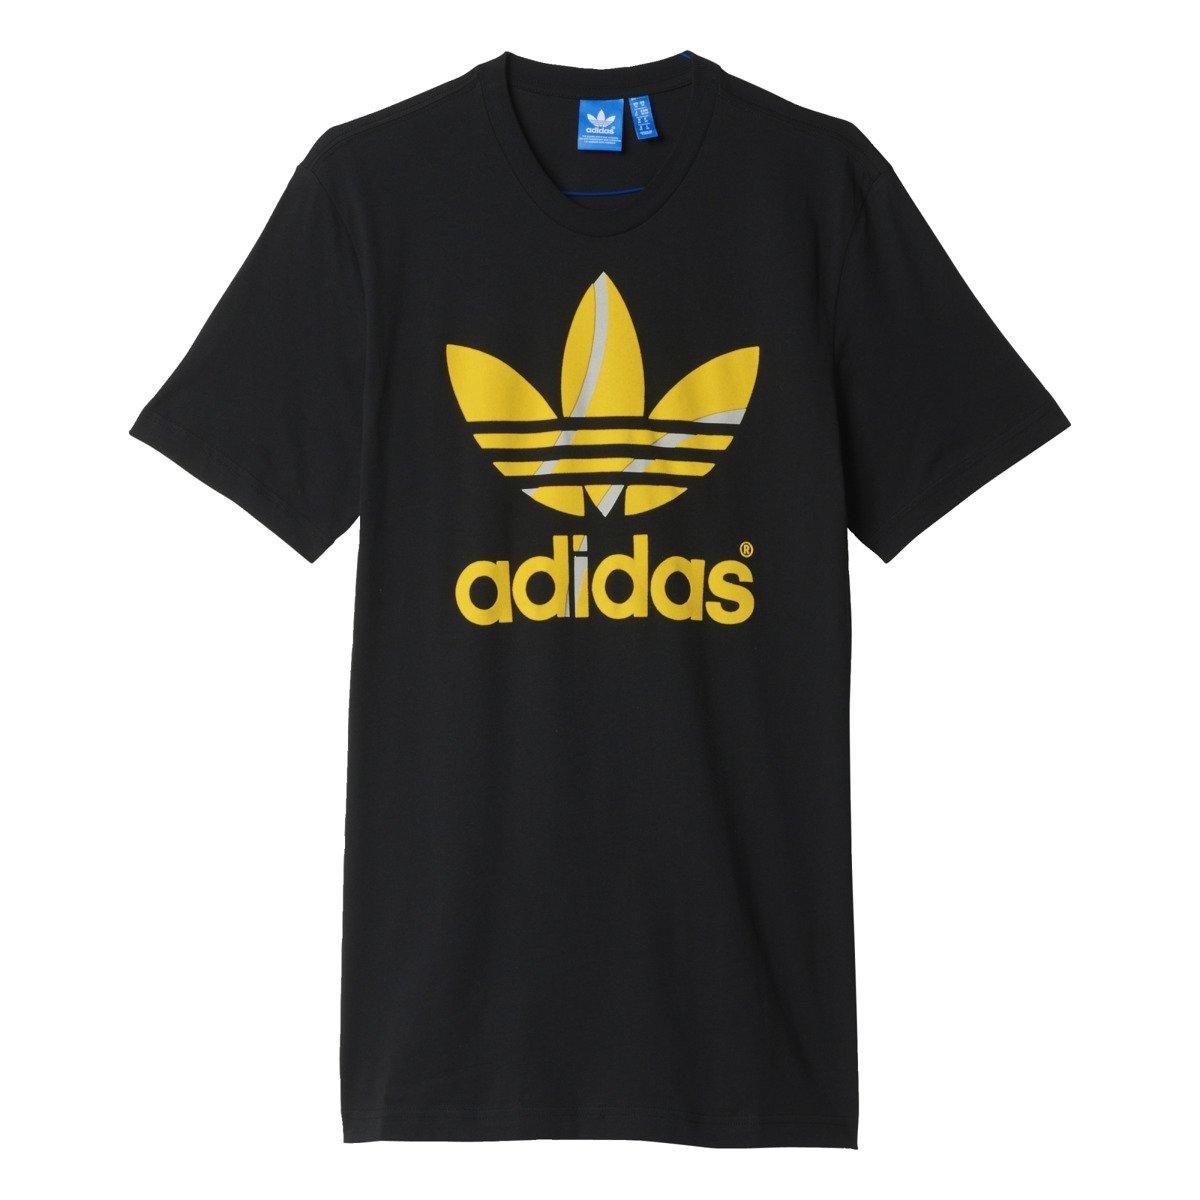 Adidas flock tennis black original t shirt aj7105 for Adidas custom t shirts